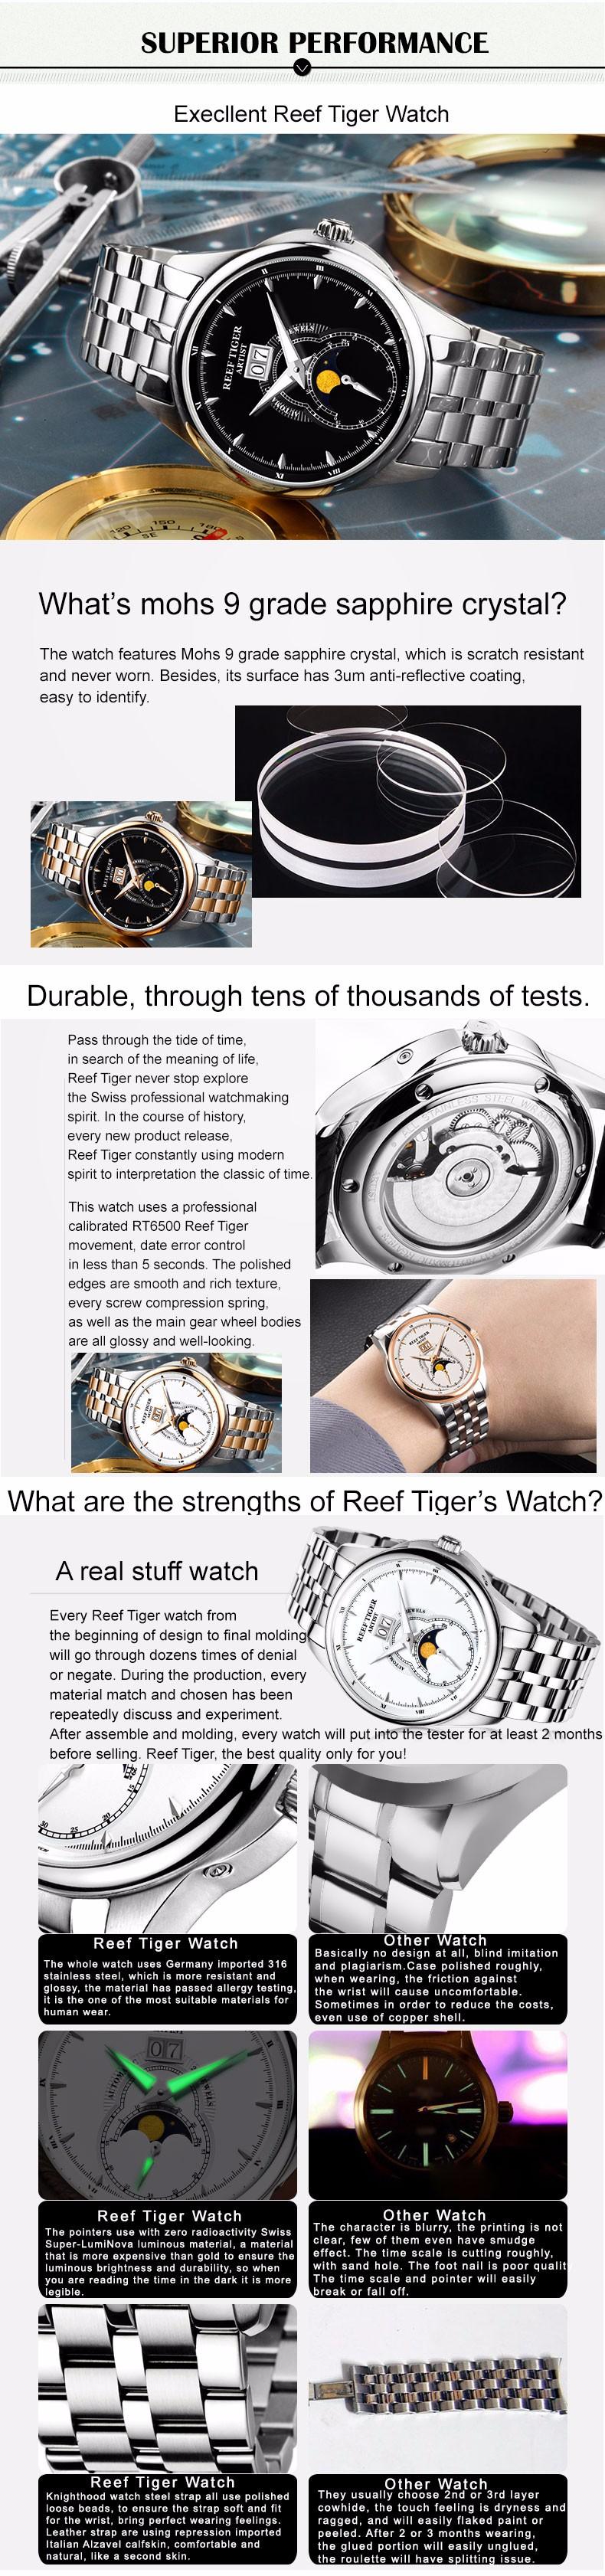 Риф Тигр/RT Старинные Часы для Мужчин Moon Phase Часы Из Нержавеющей Стали Большой Дата Автоматические Часы RGA1928